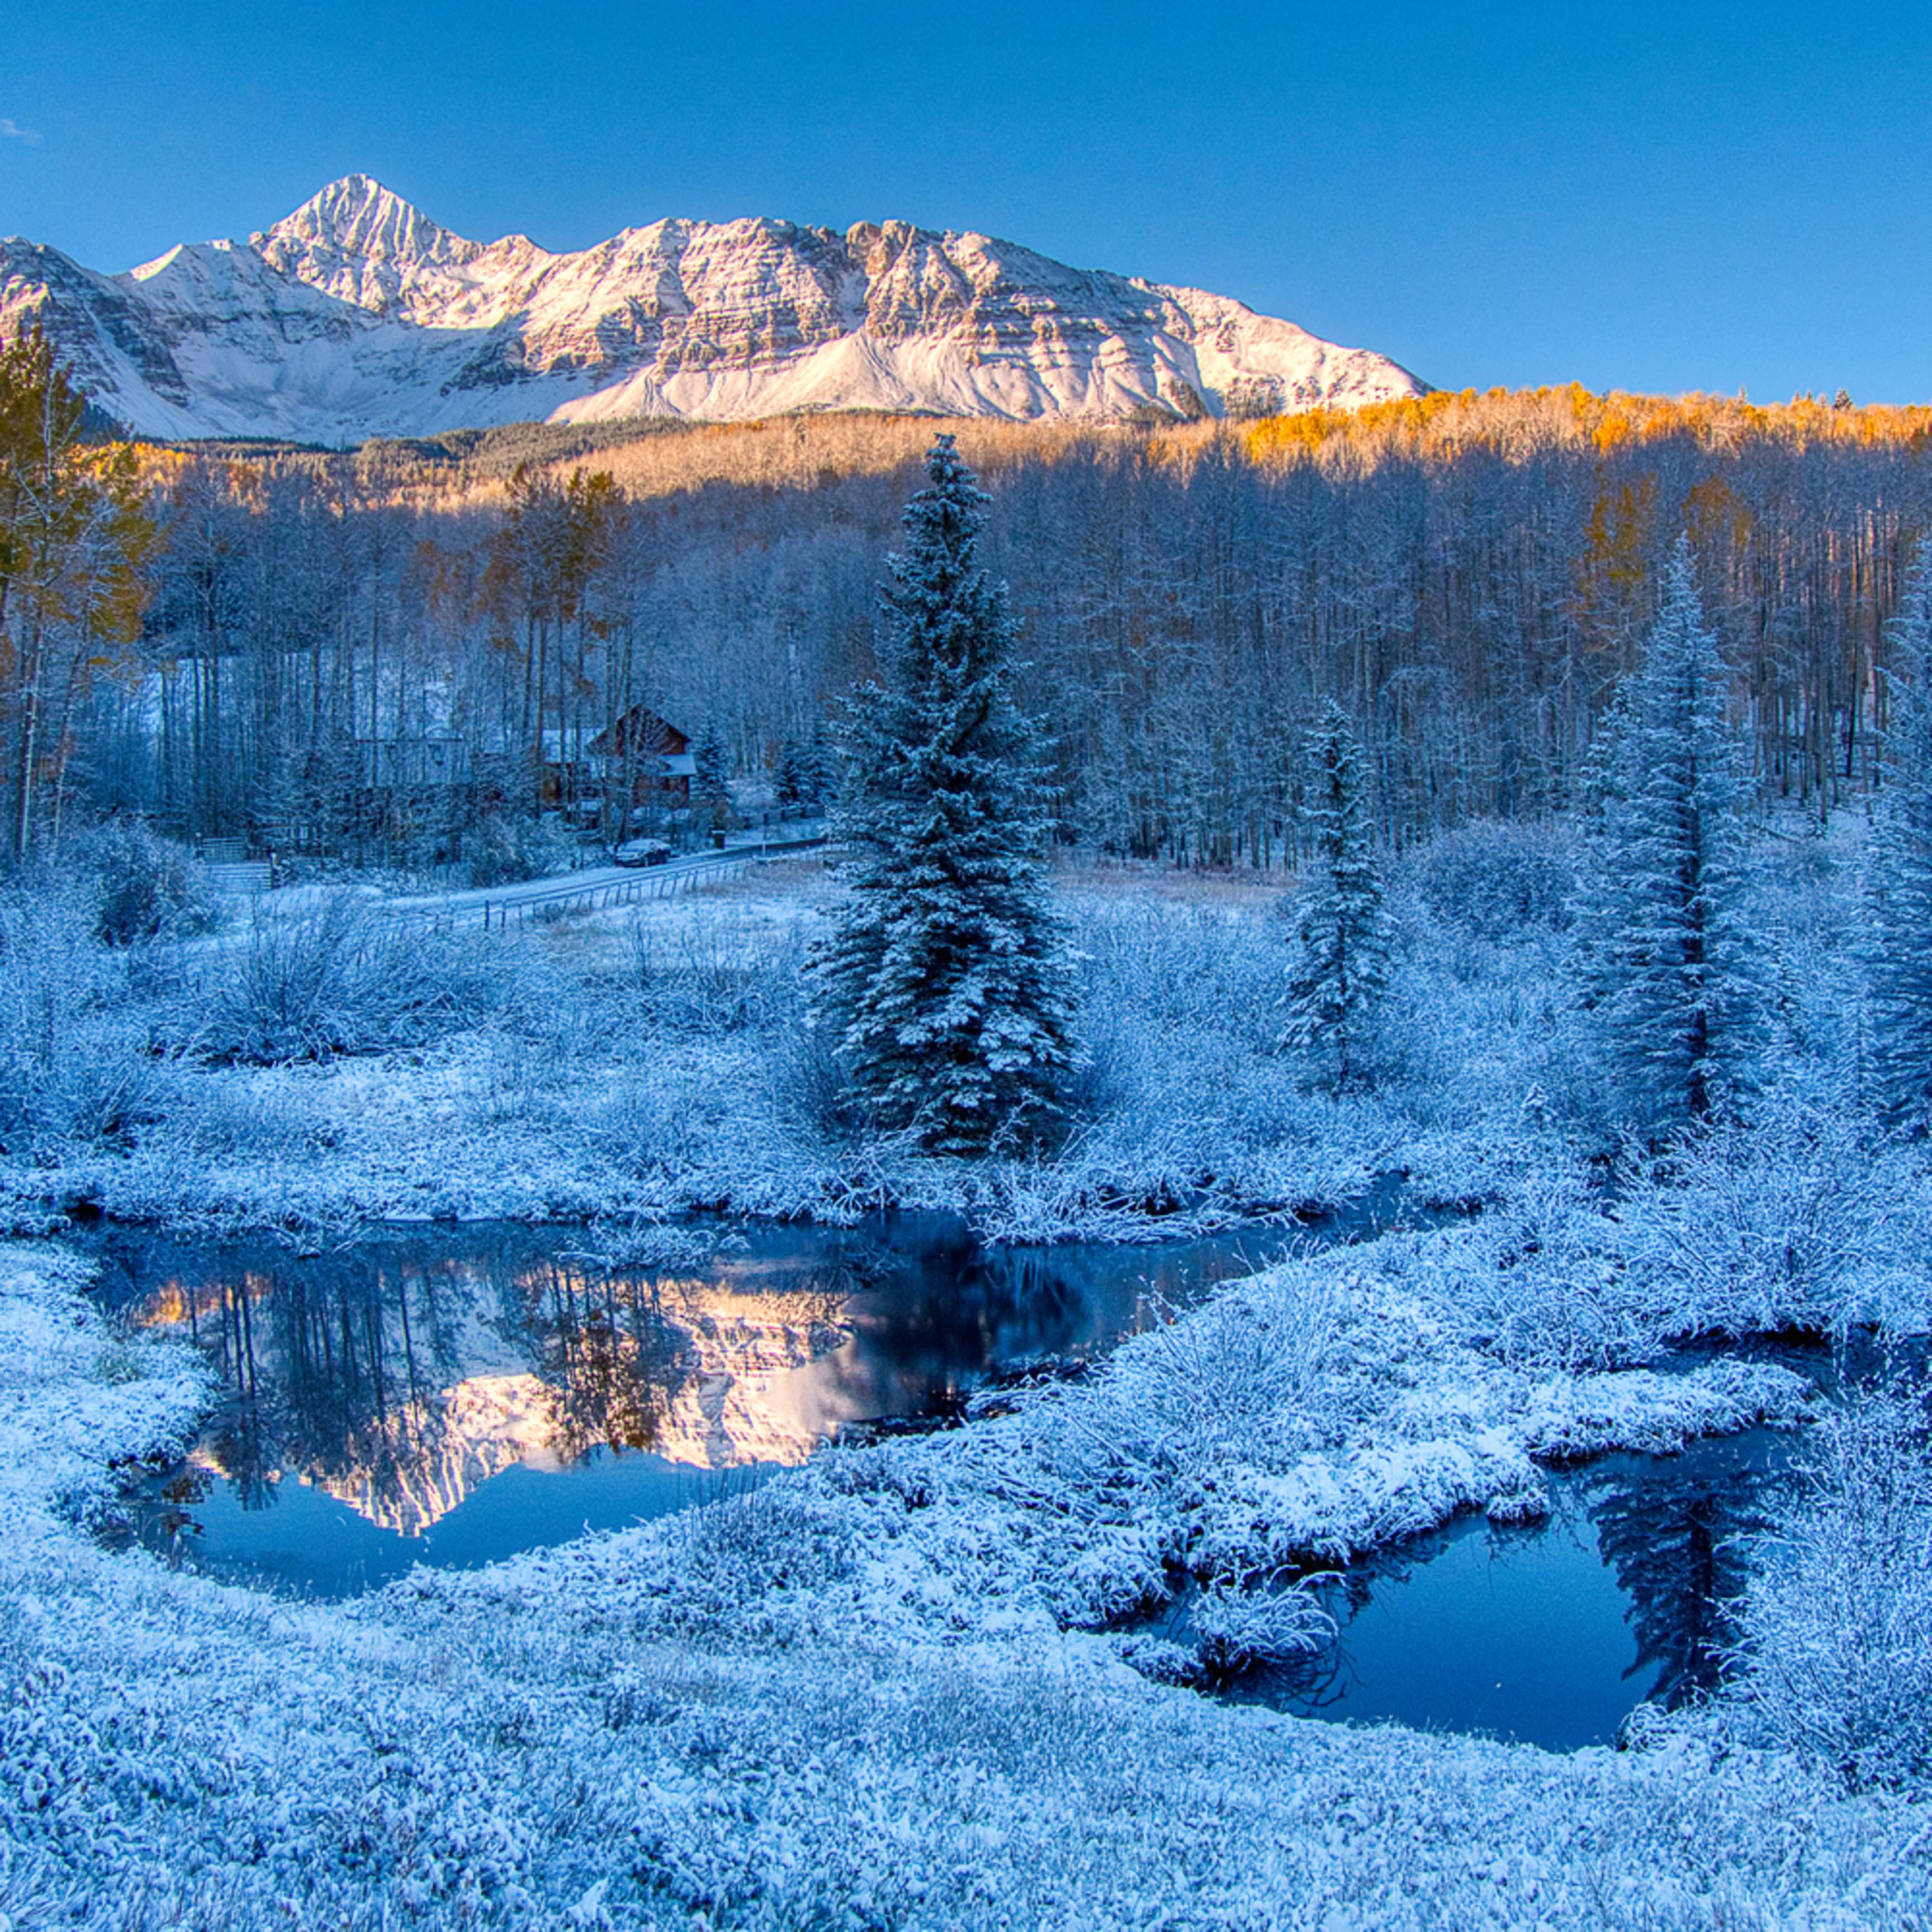 Pmb 2019 19 06 telluride snow p1820631 aurorahdr2019 edit edit c6cpak